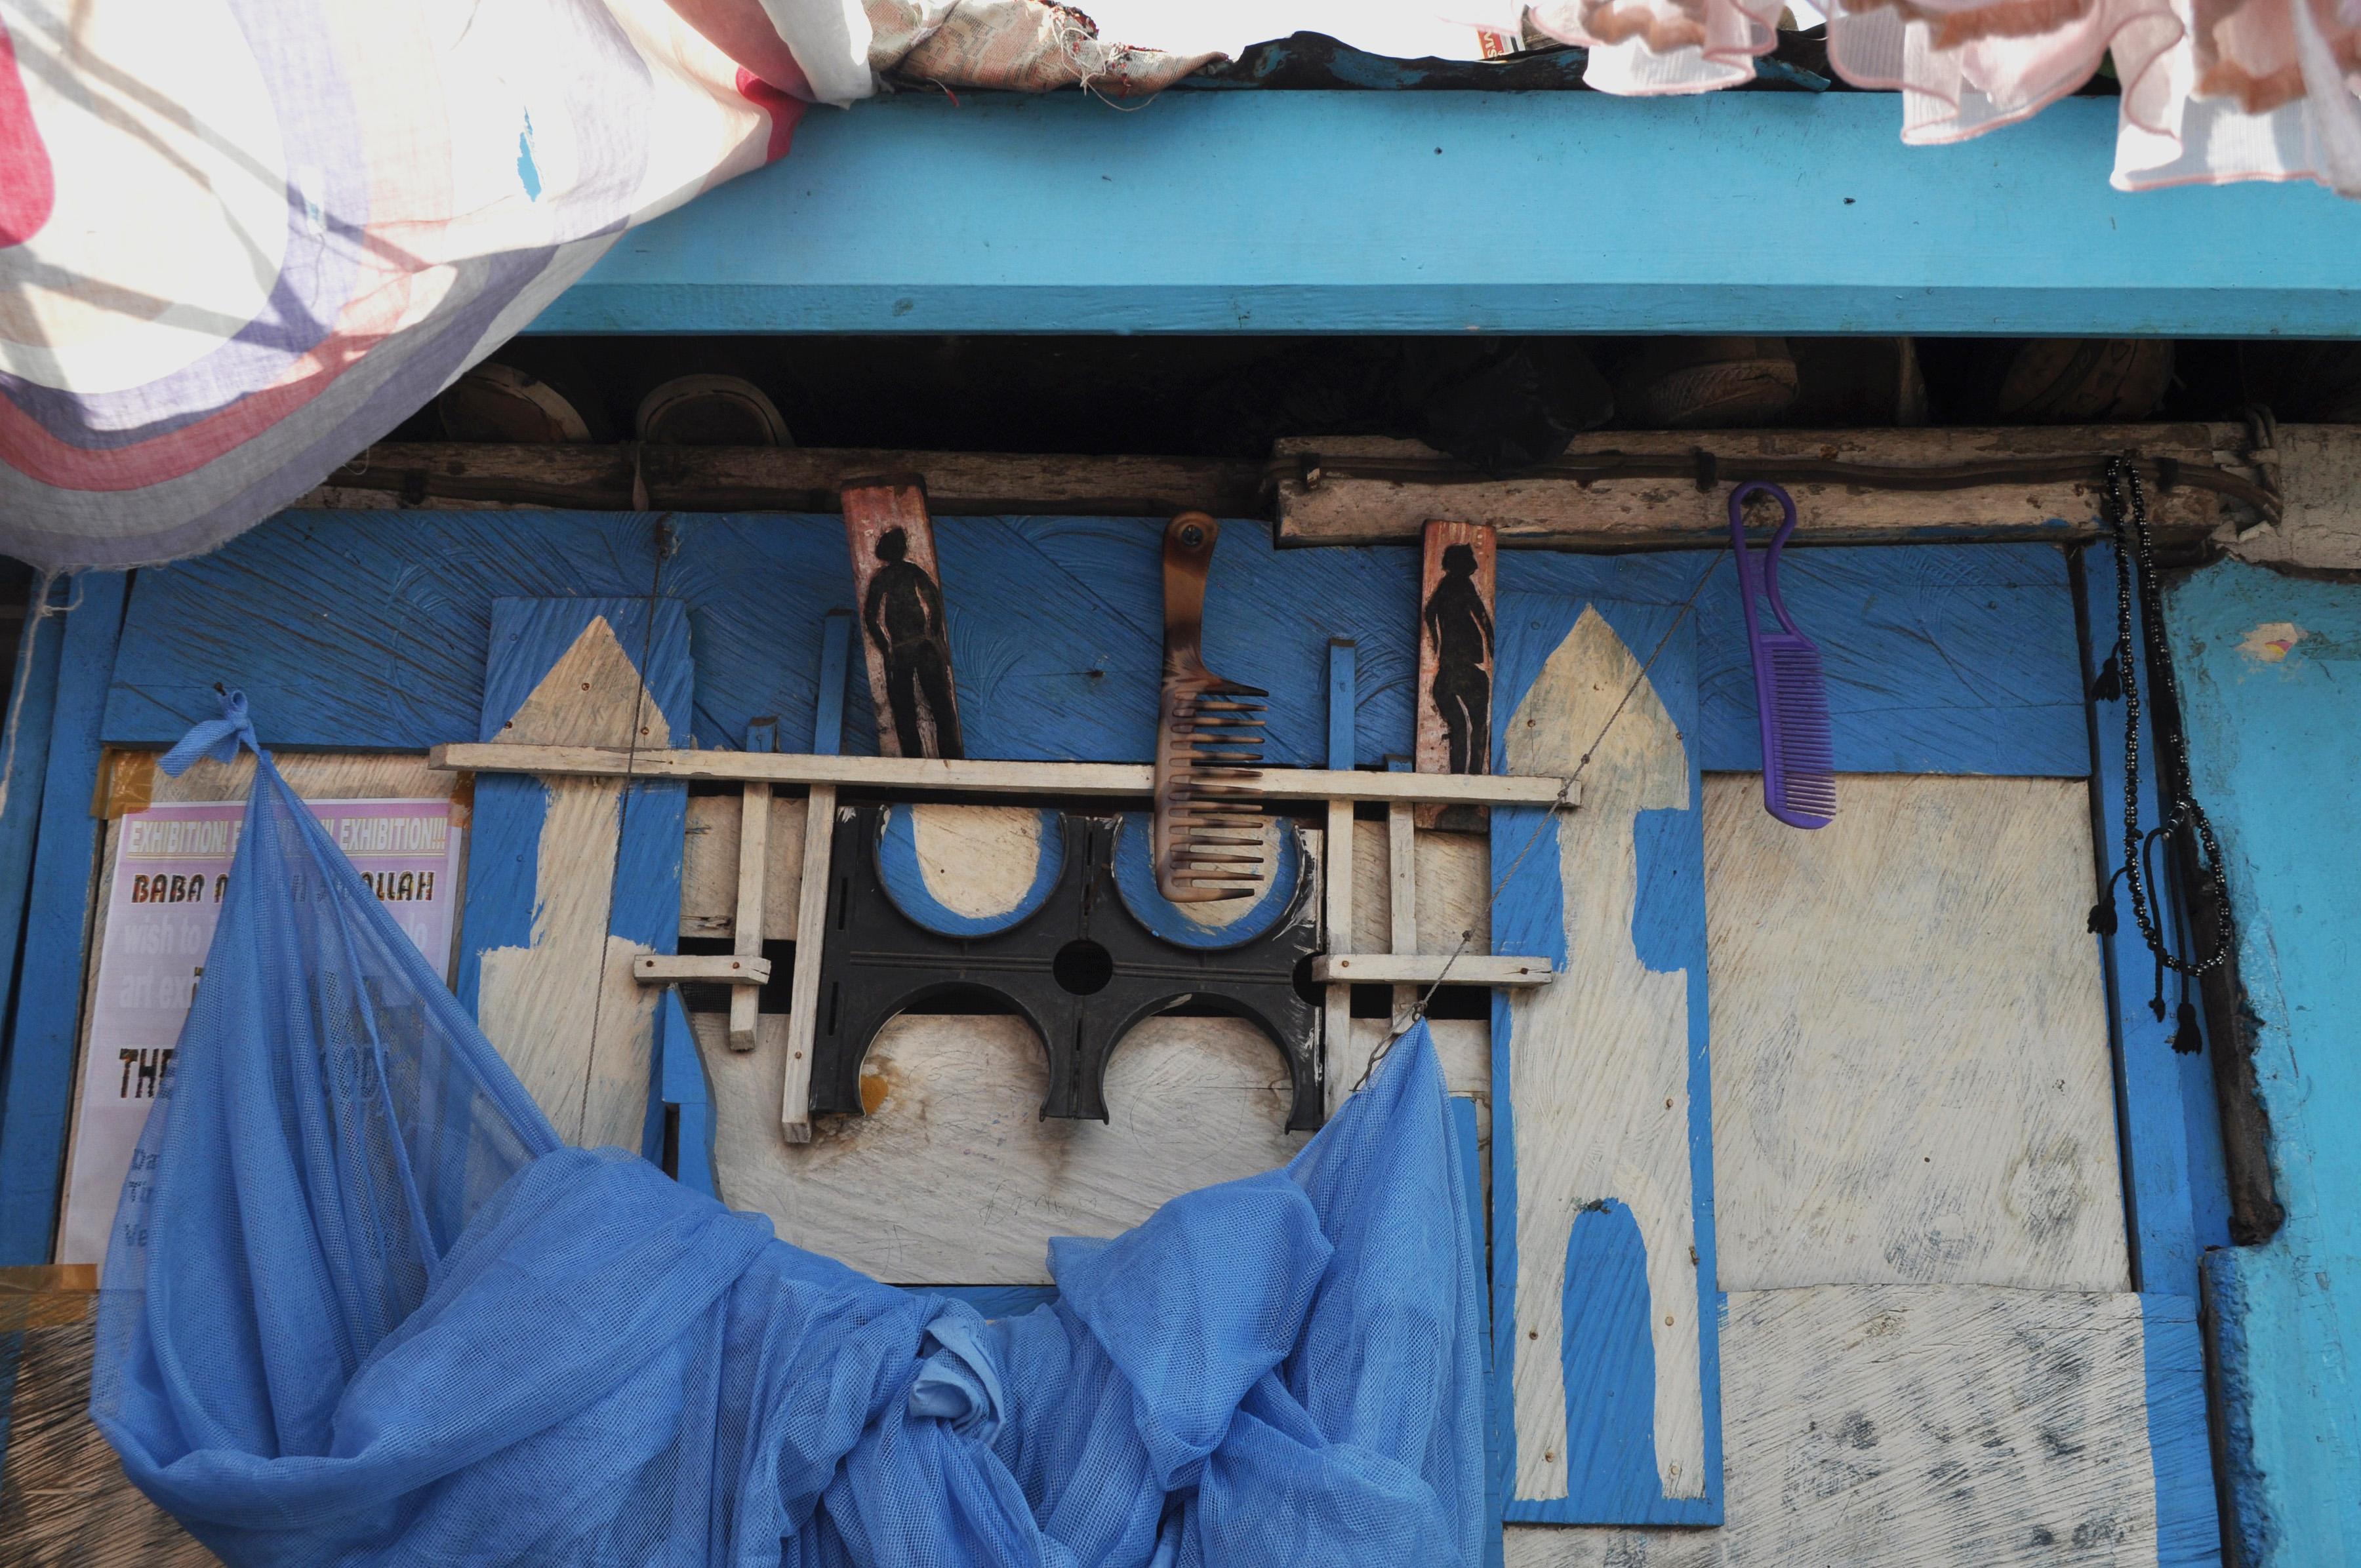 Curtain, combs & prayer beads